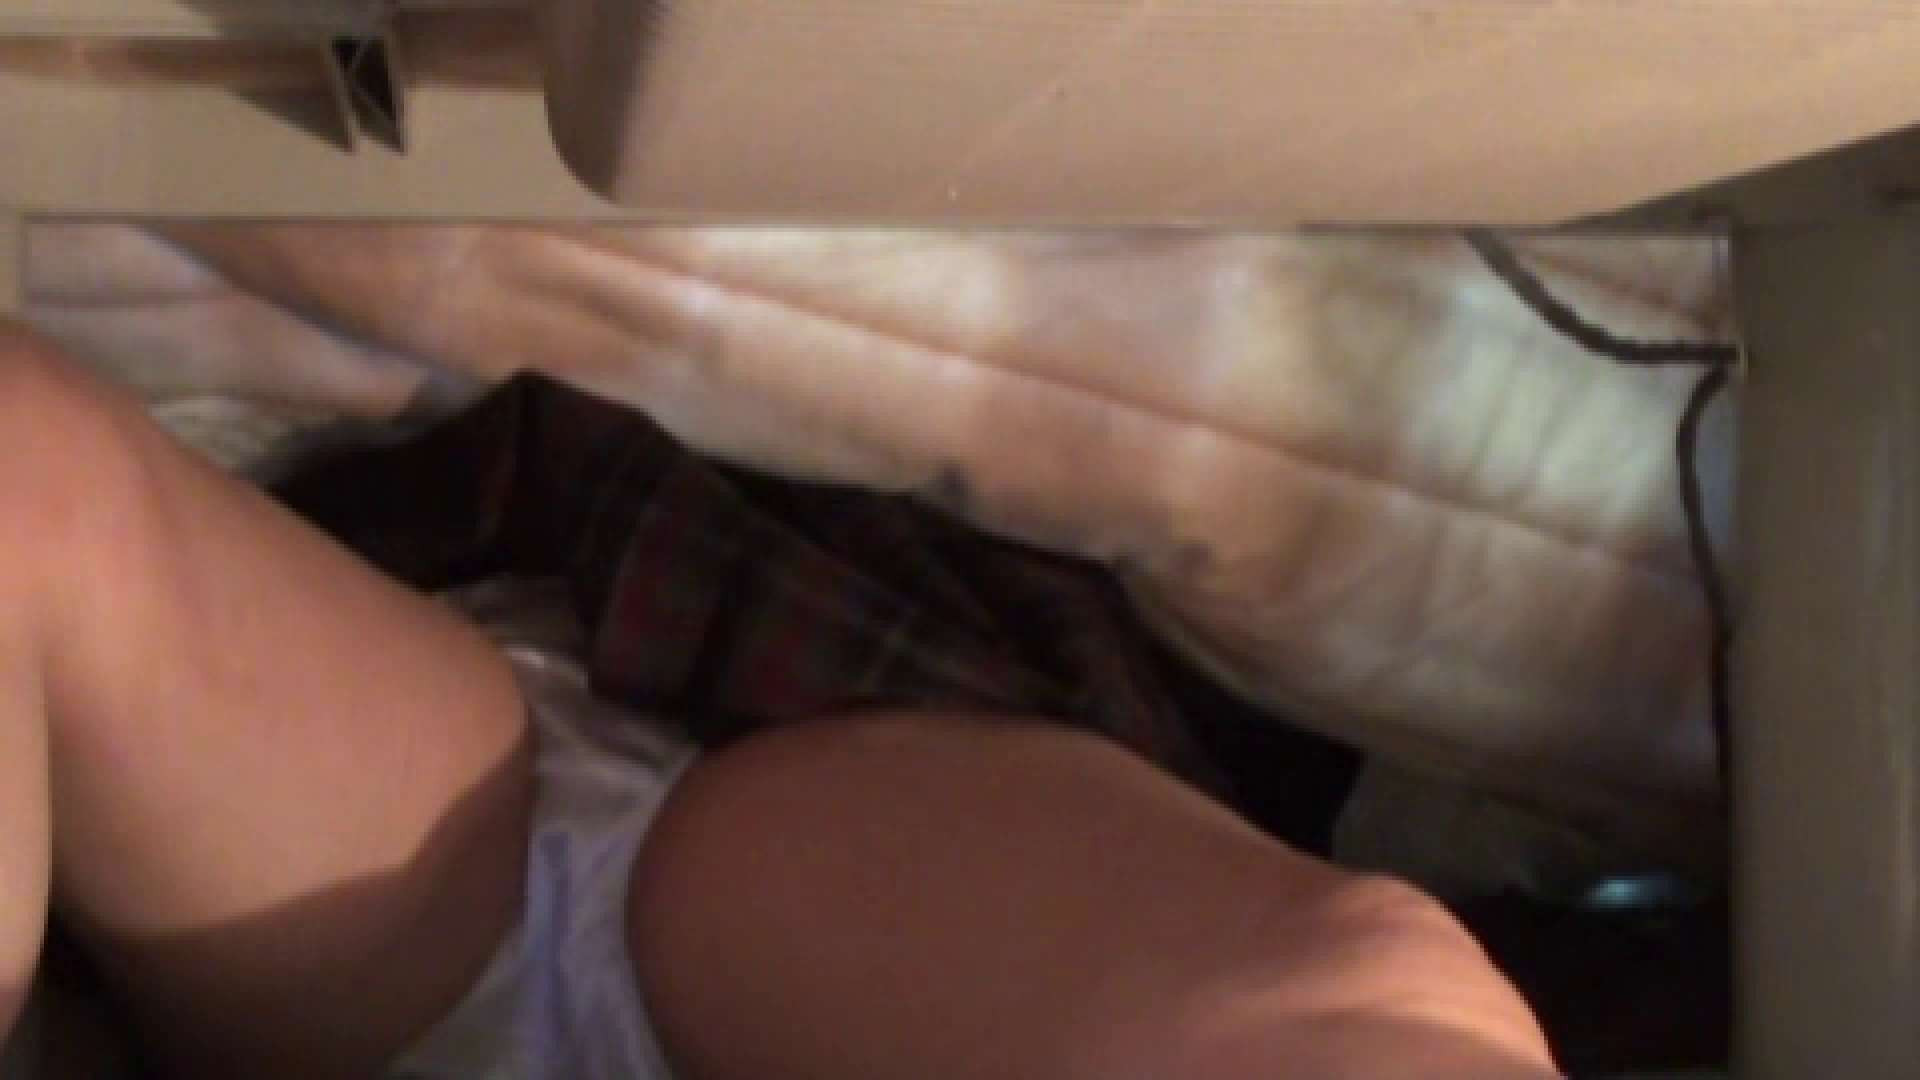 吹奏楽部。部室のコタツの中へ vol.06 美しいOLの裸体 ワレメ無修正動画無料 98pic 14